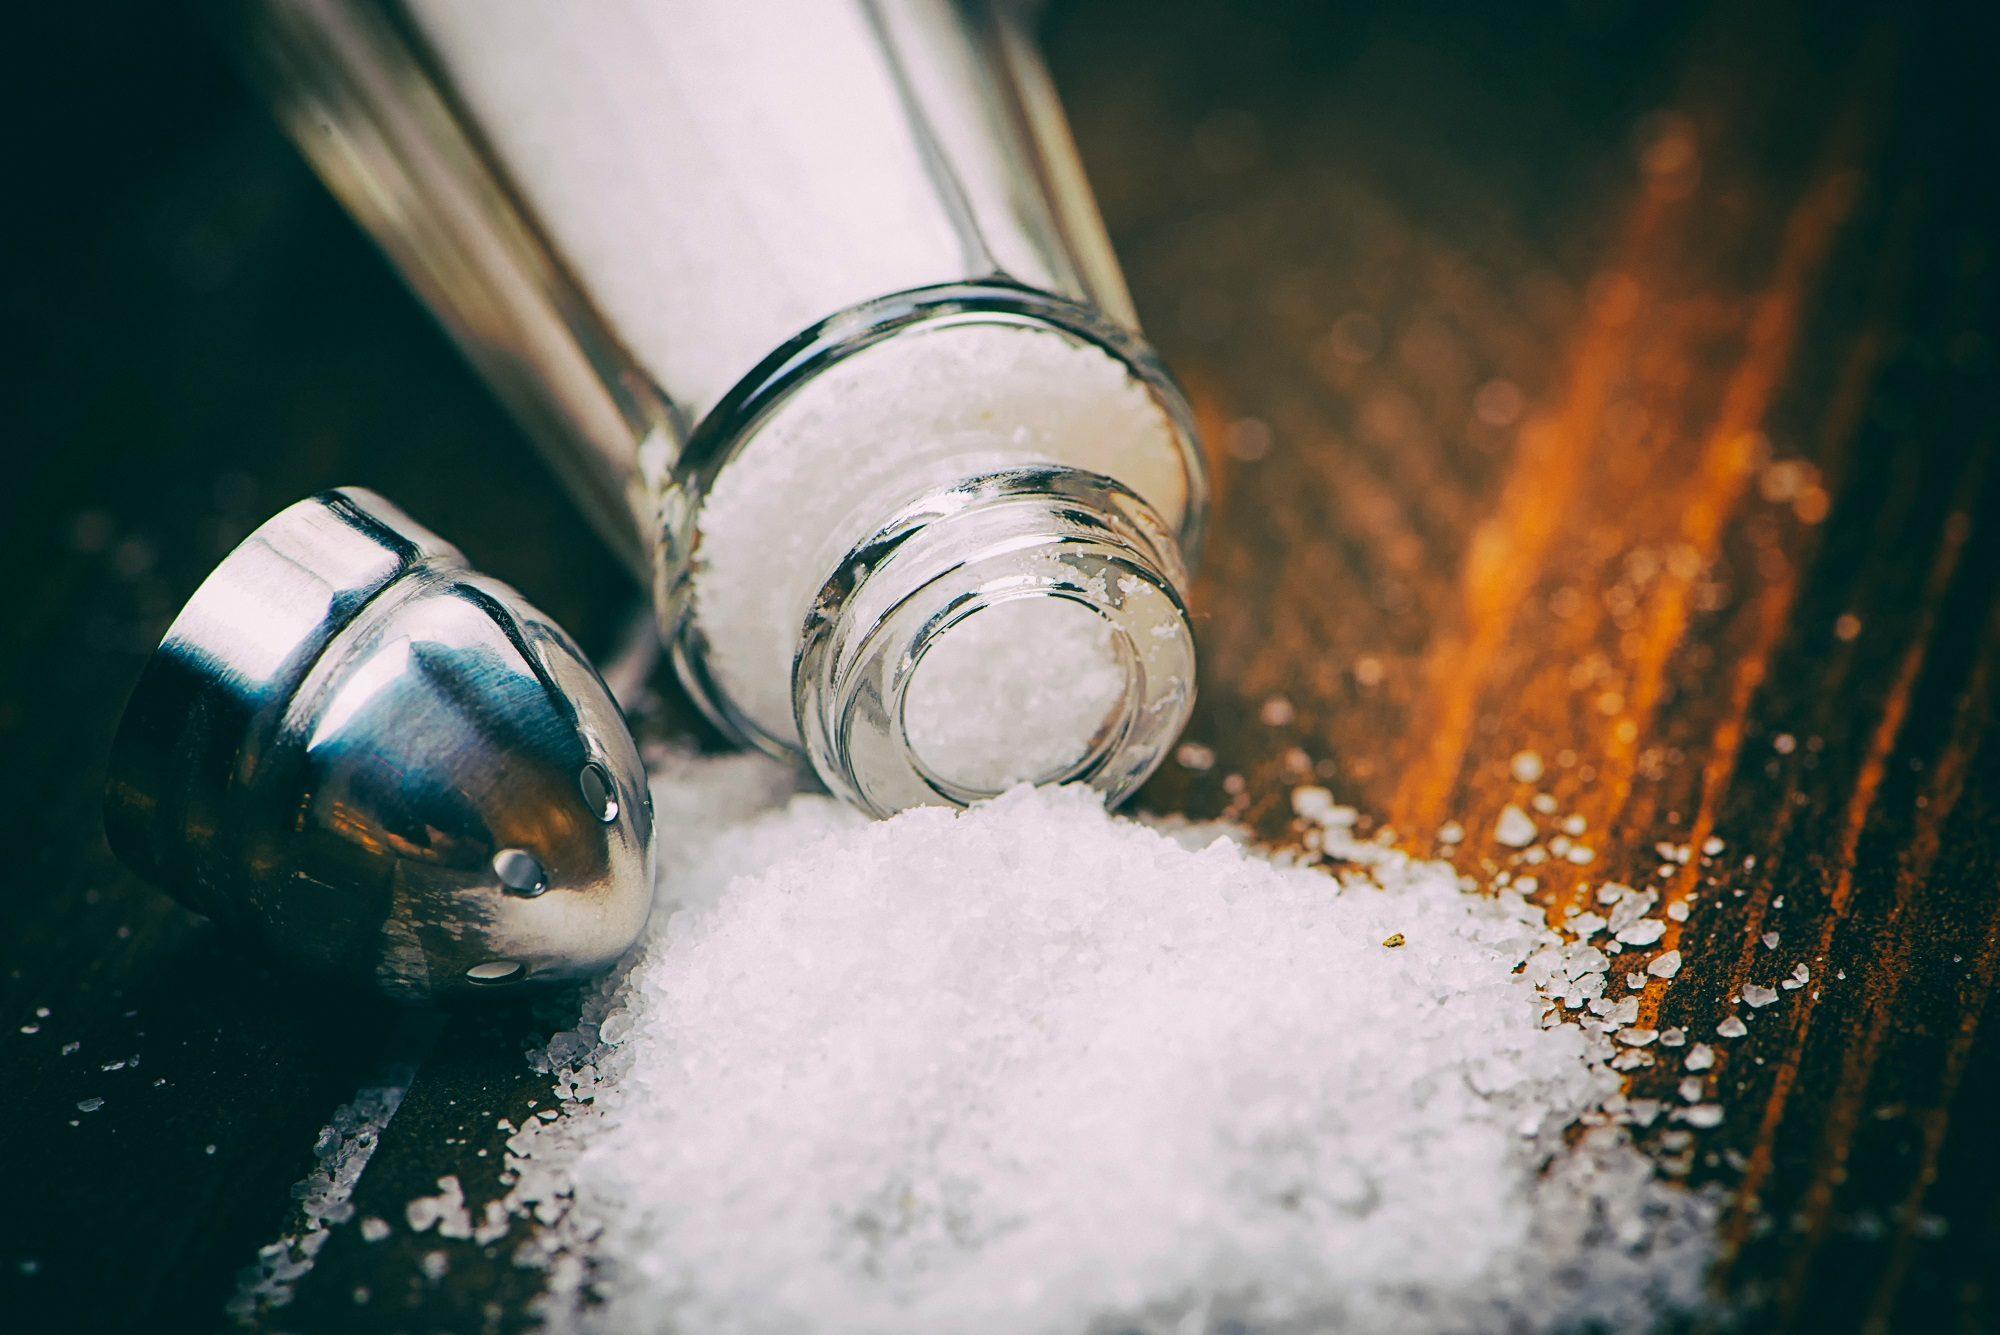 Соль была дорогим продуктом, поэтому расход его впустую был ударом по бюджету семьи